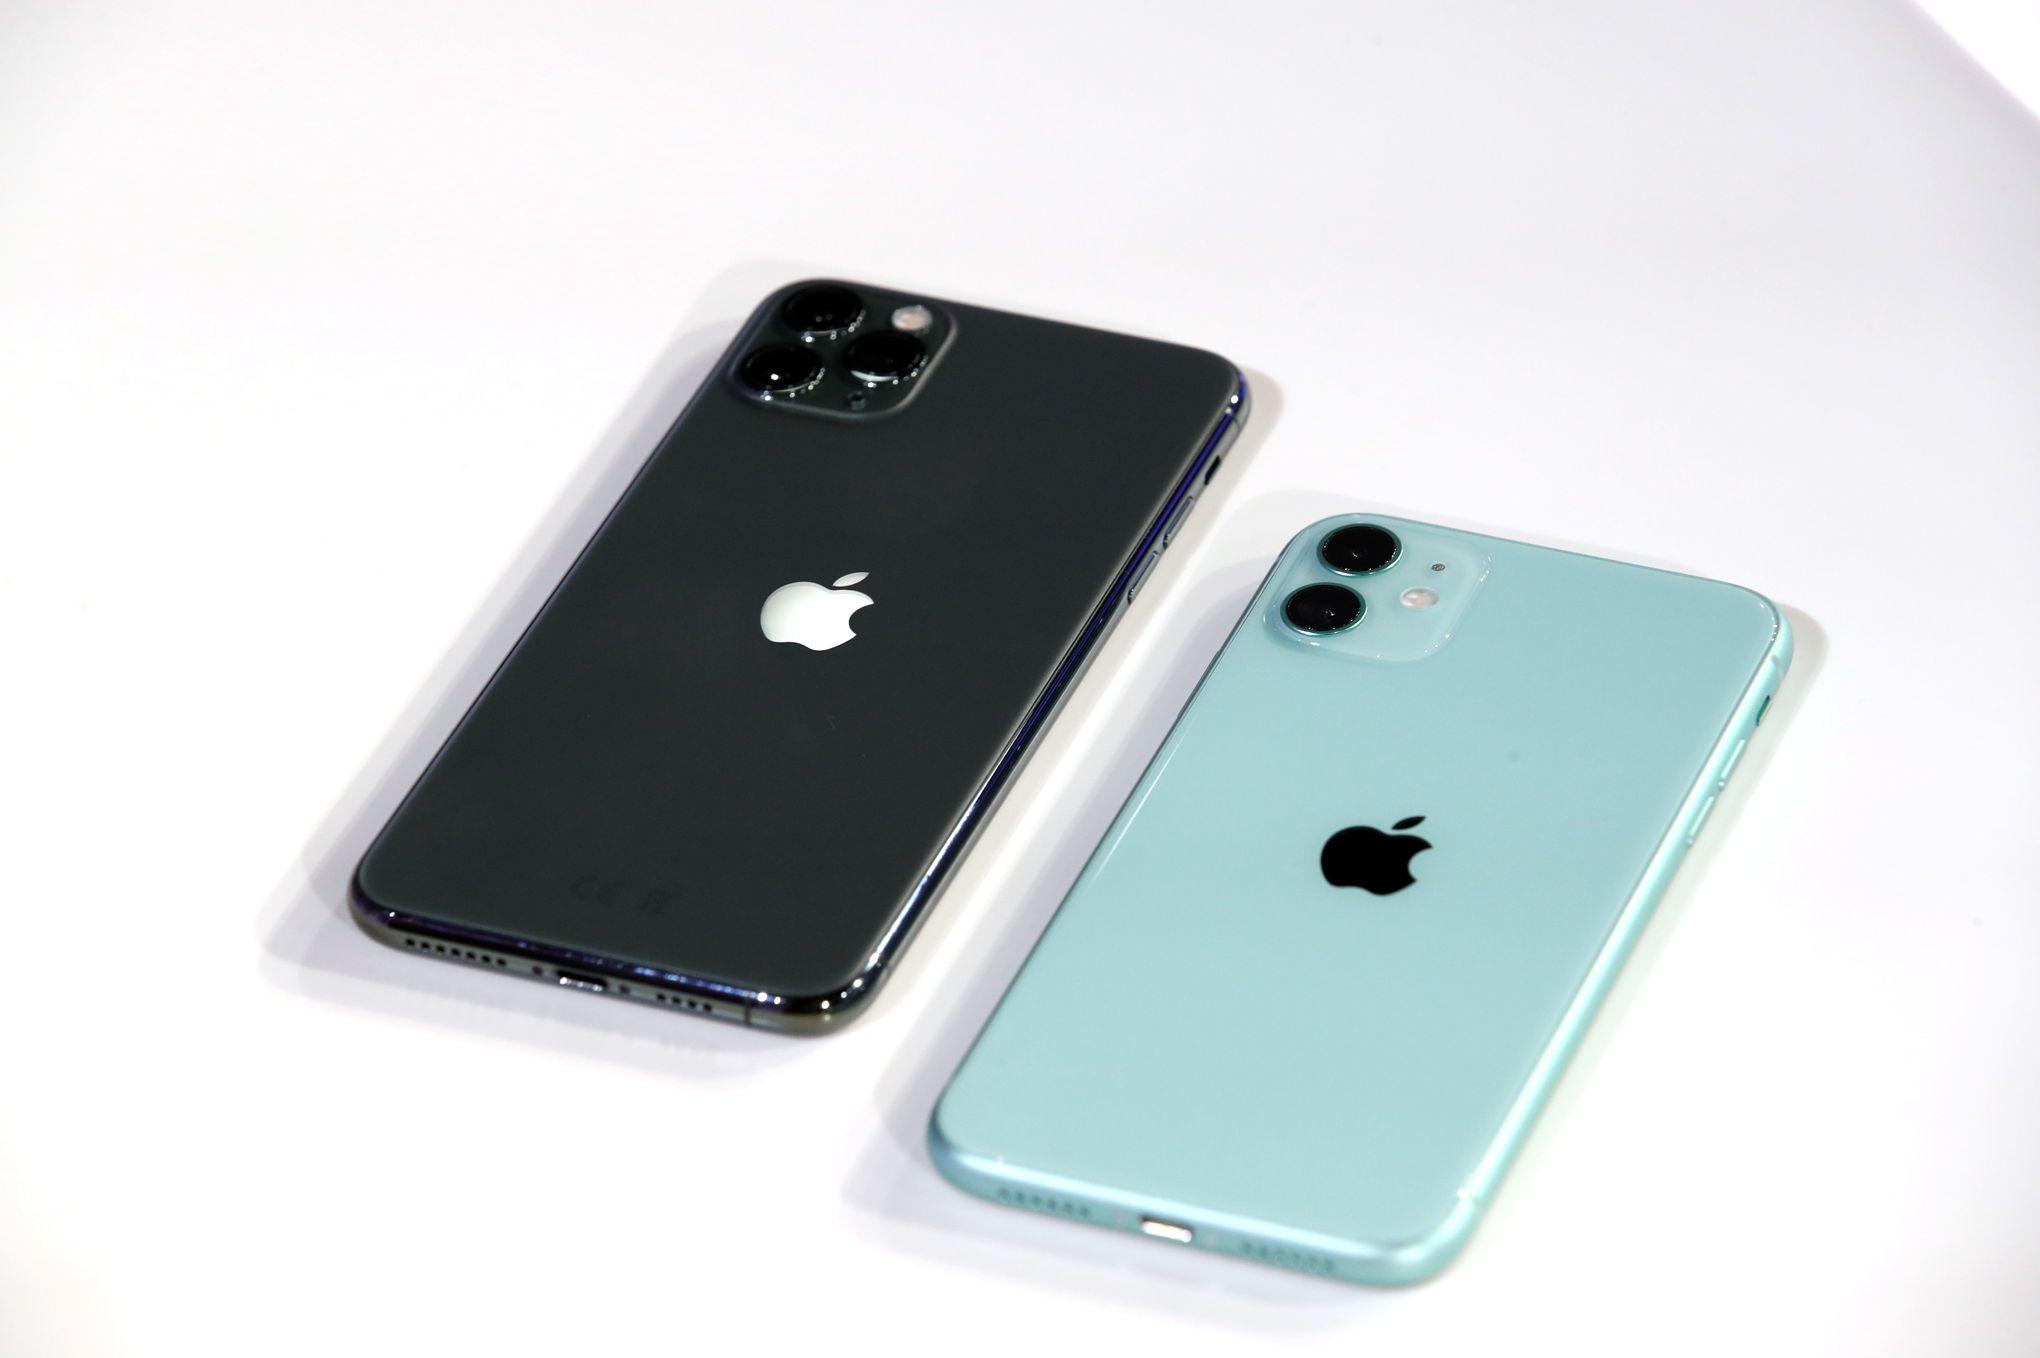 Notre test de l'iPhone 11 et de l'iPhone 11 Pro: le verdict du Figaro